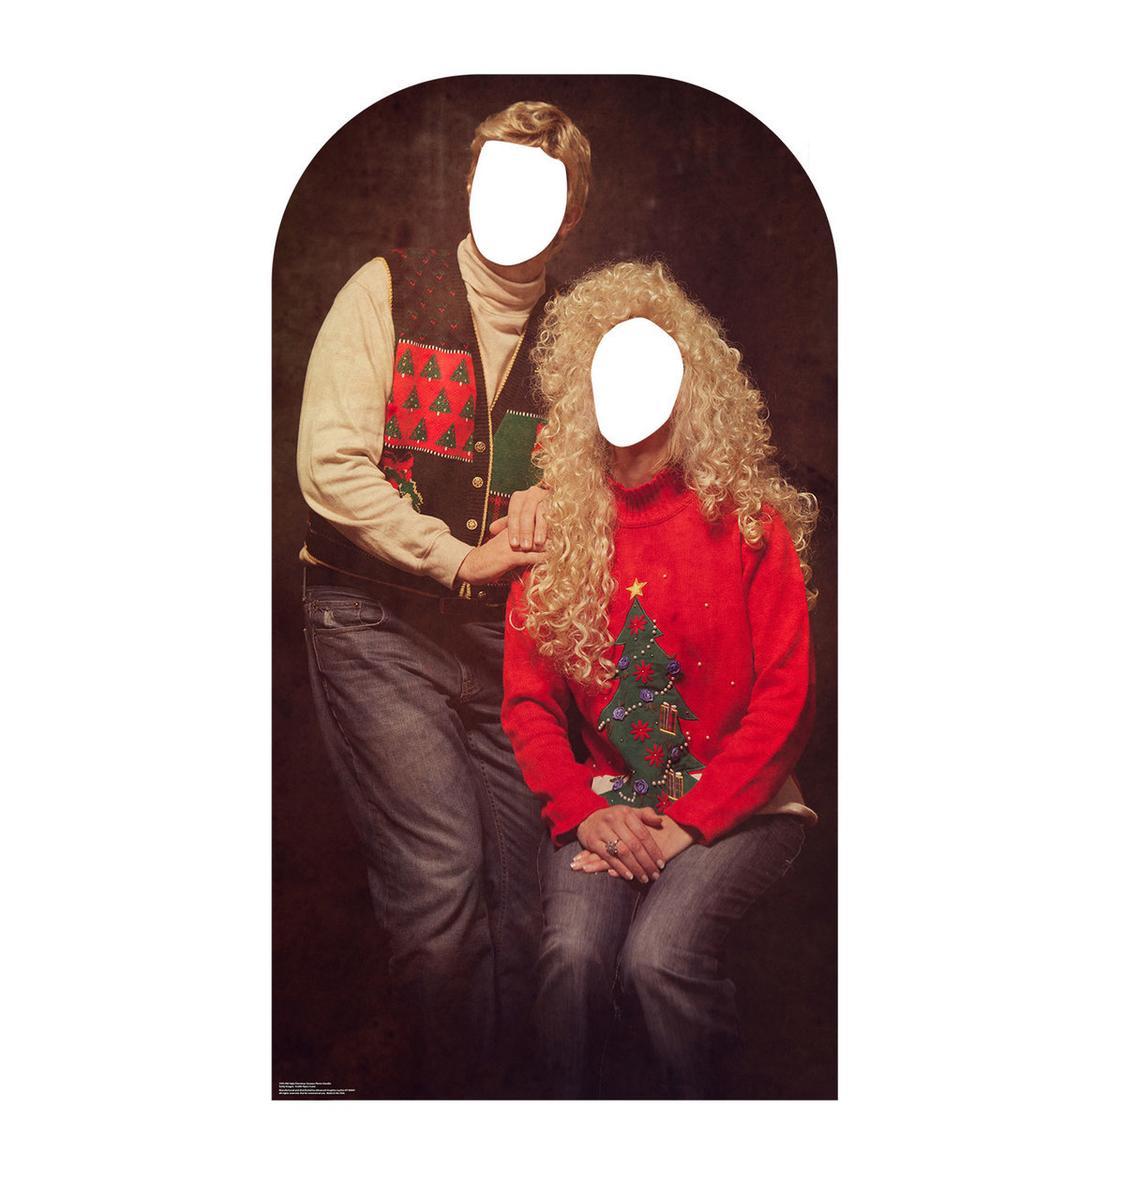 顔ハメ看板 顔出しパネル アグリーセーター ペア カップル クリスマス 飾り インテリア デコレーション